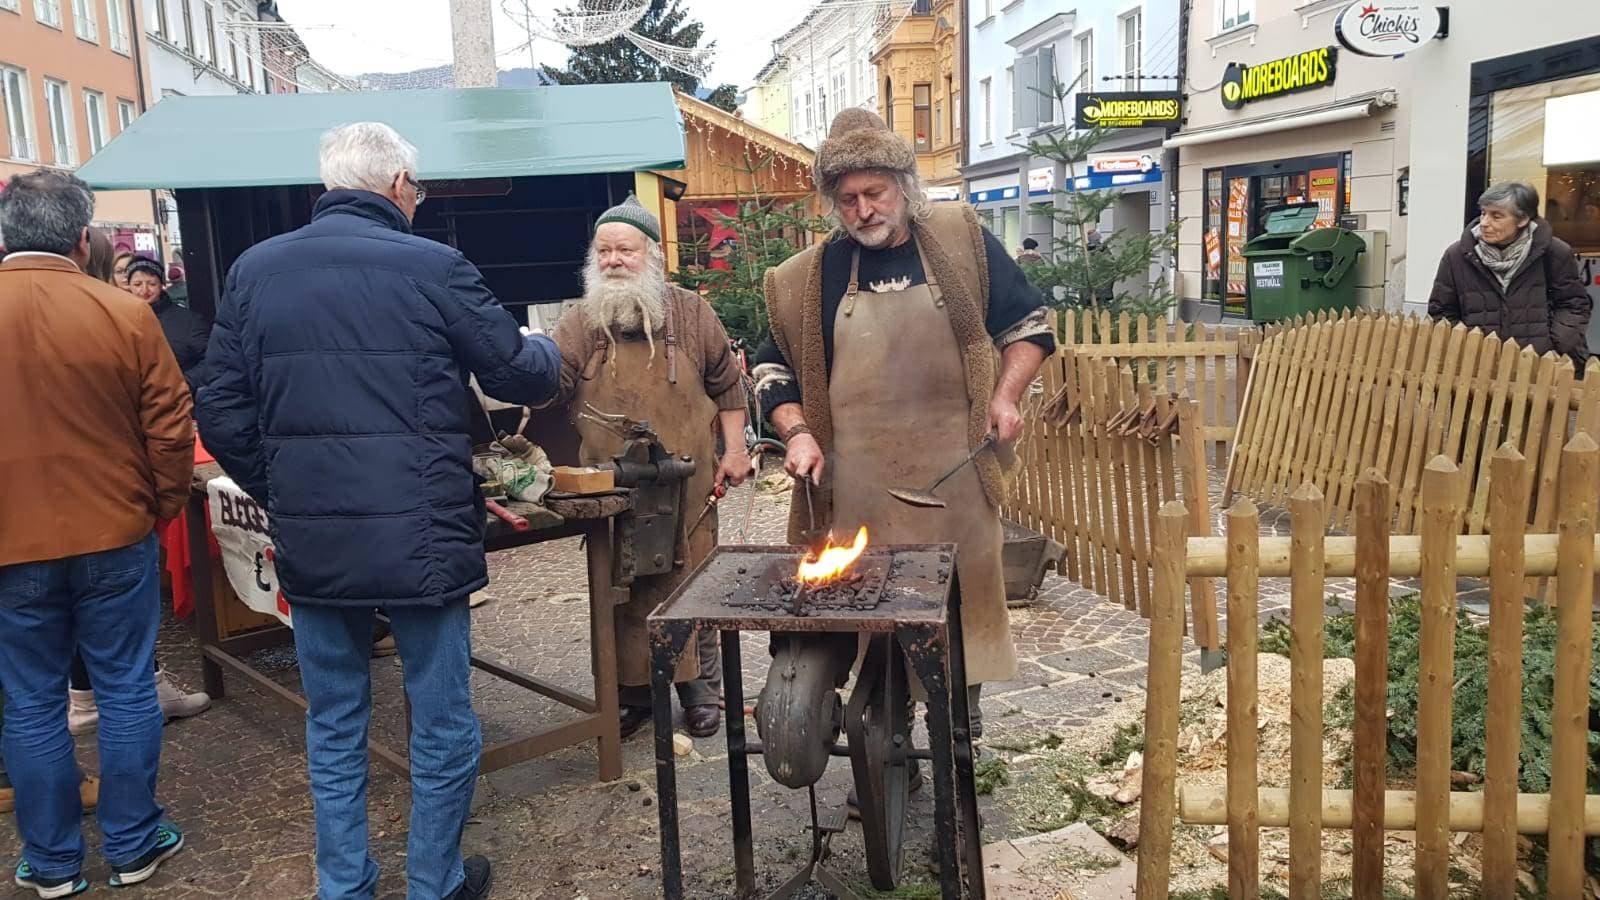 Alcuni abitanti di Villach intenti a preparare pietanze tipiche delle festività di fine anno